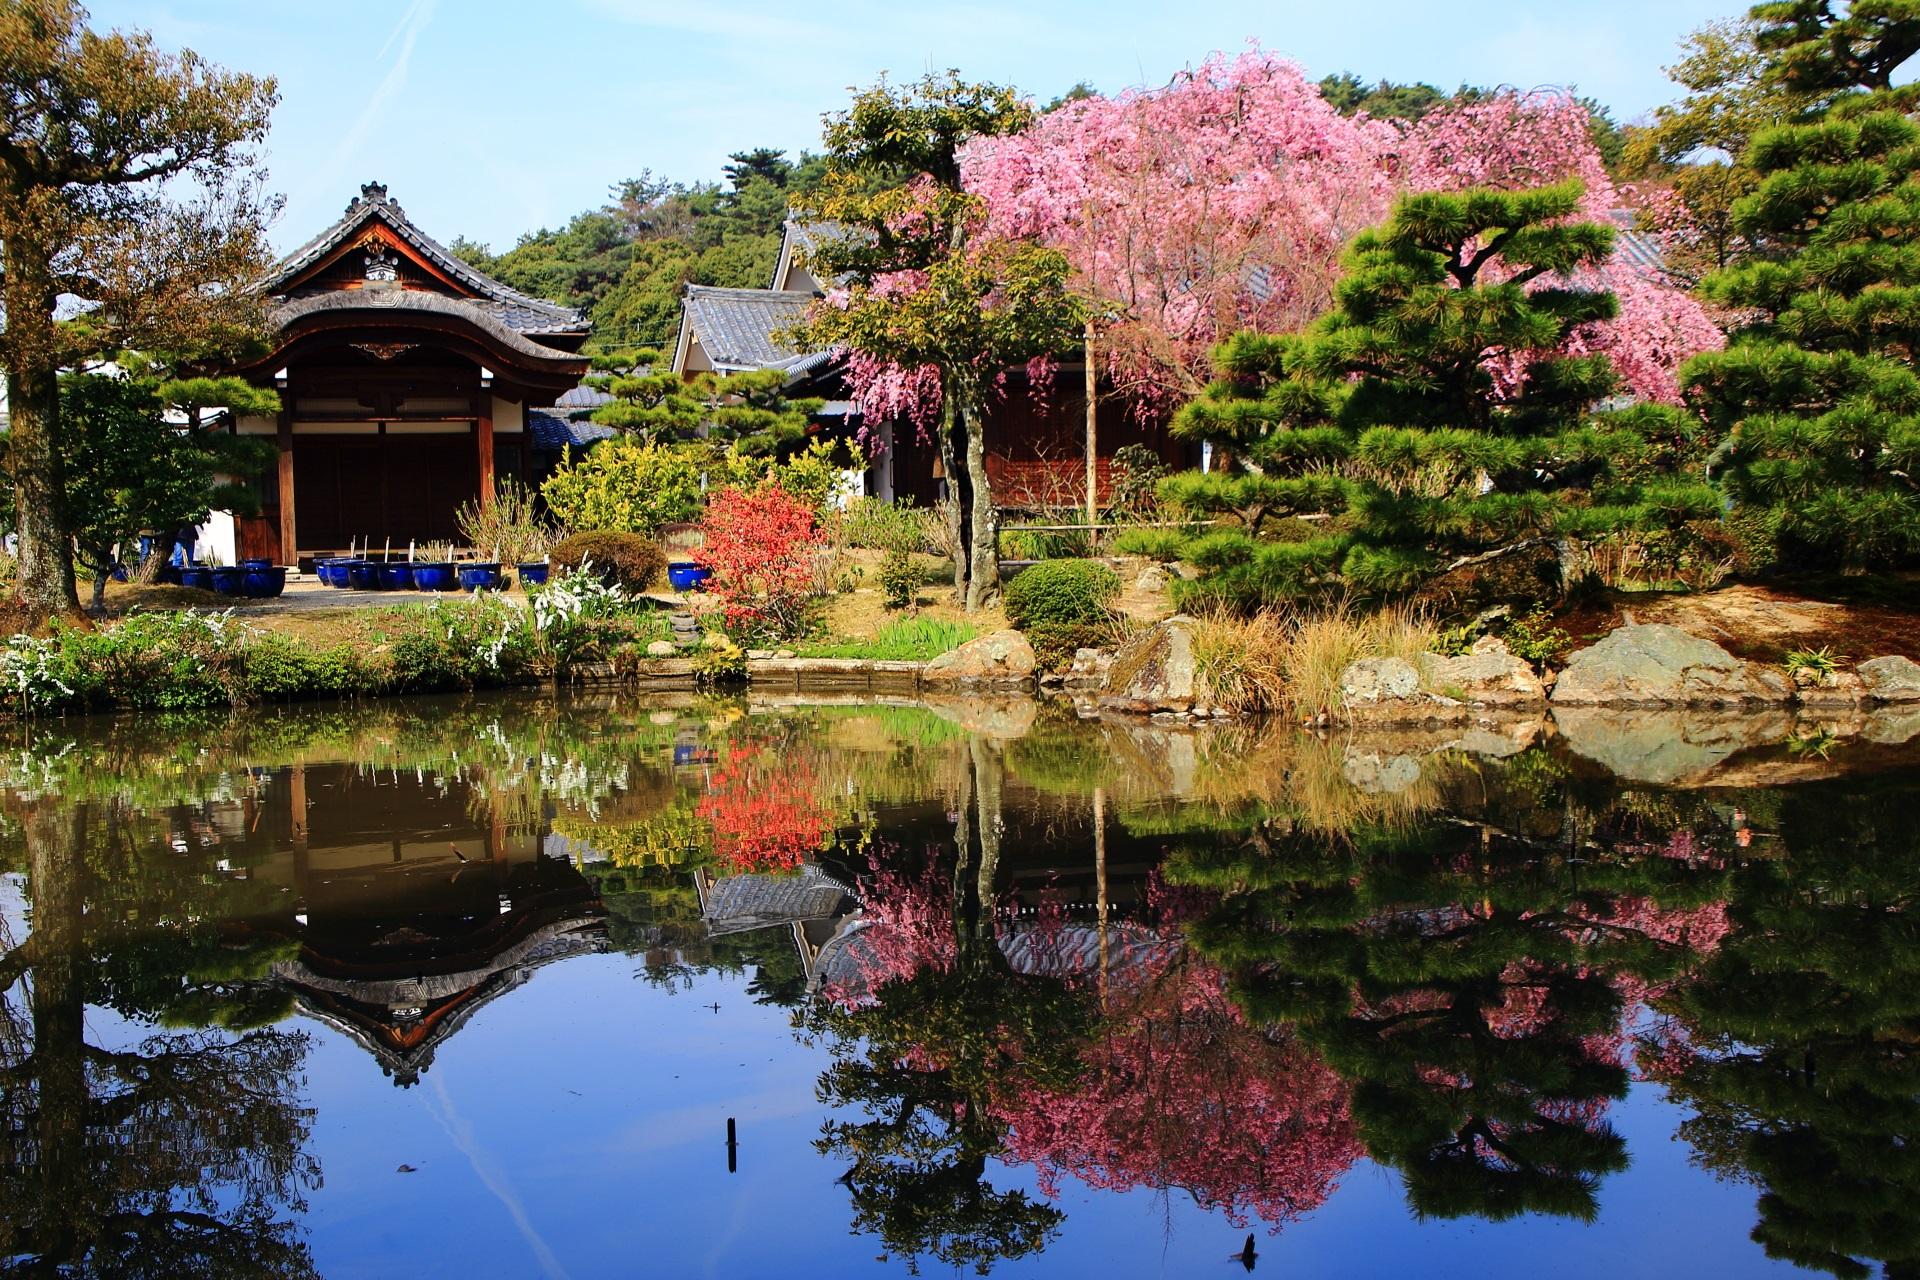 しだれ桜の美しい水鏡